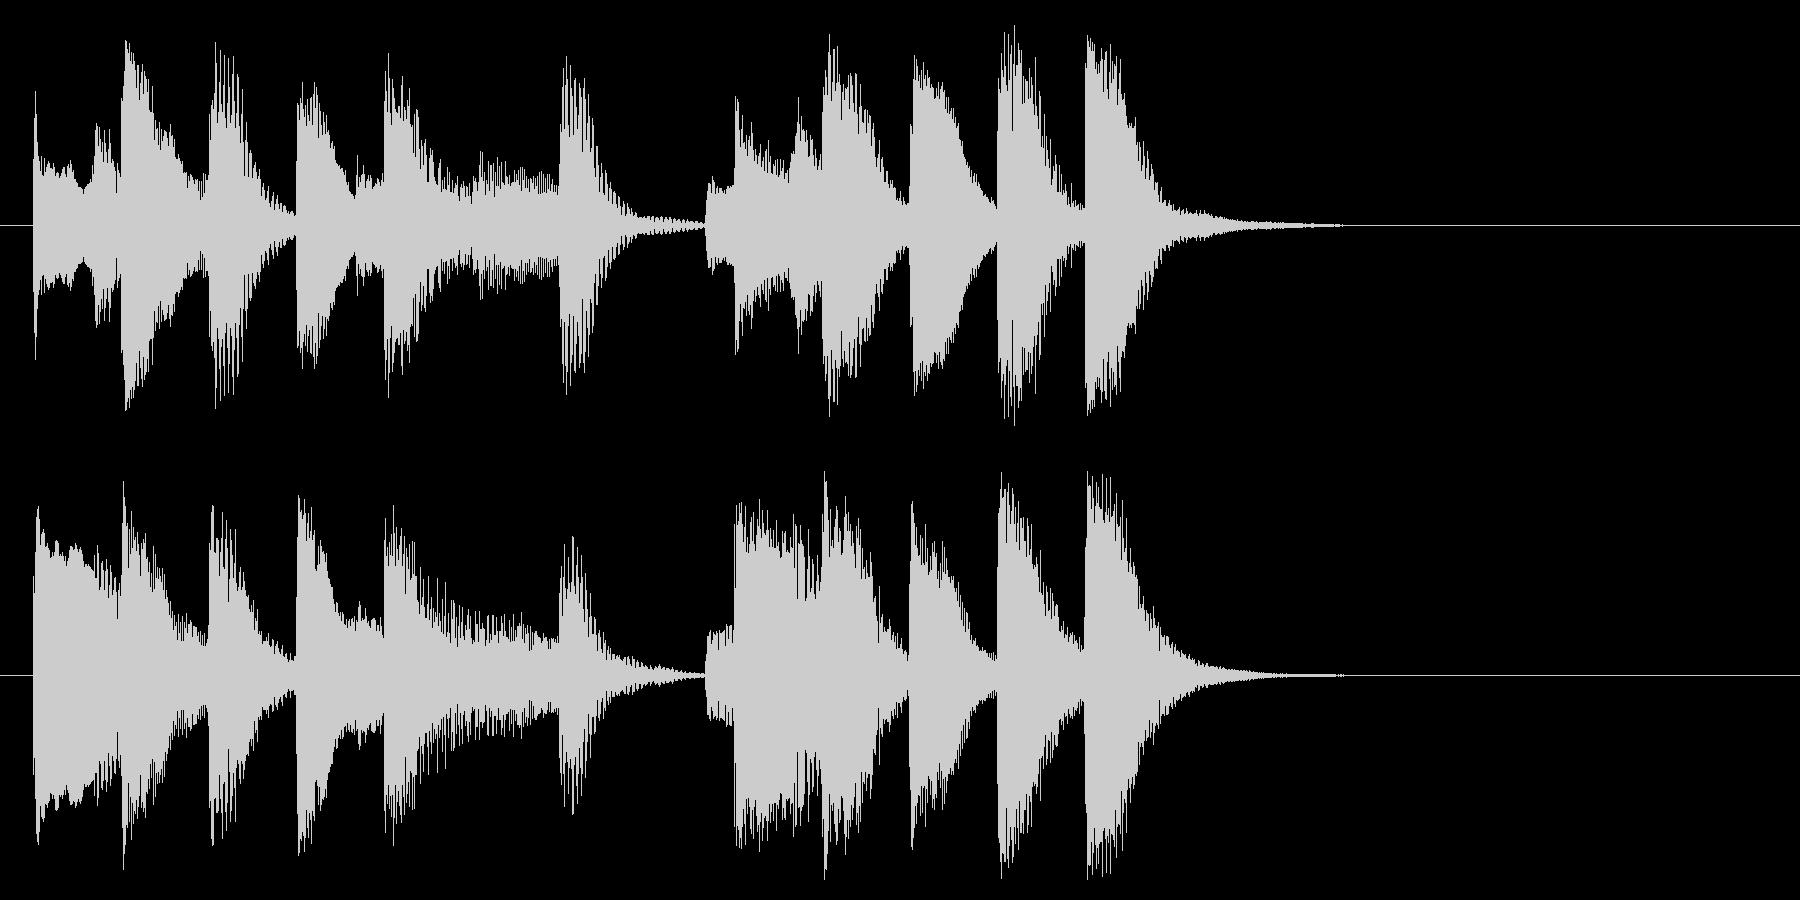 明るい気持ちになるピアノソロのジングル!の未再生の波形